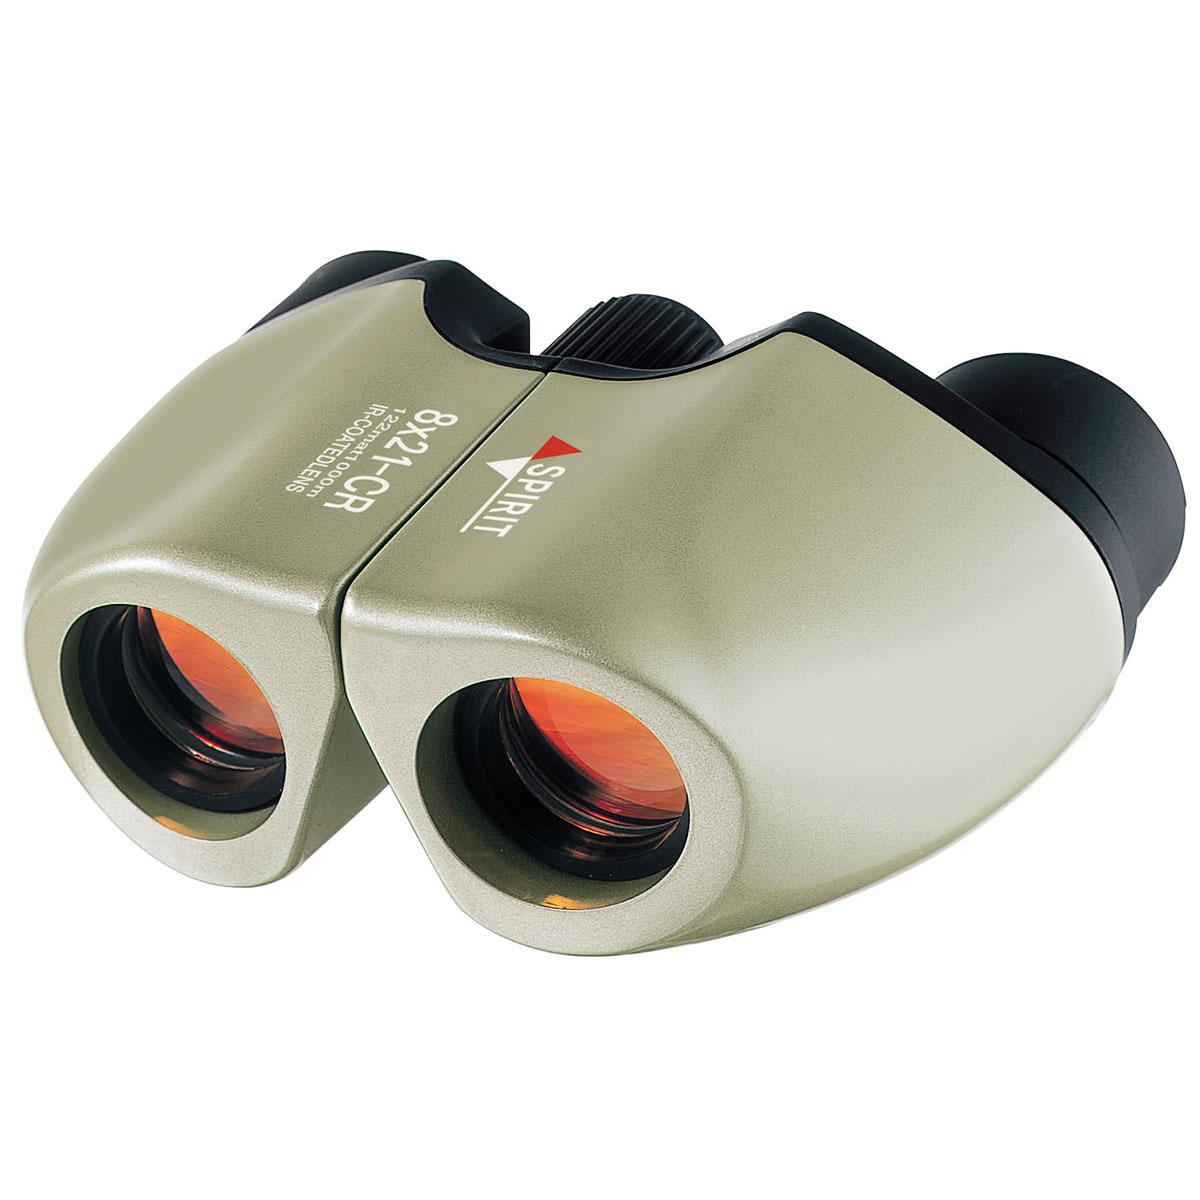 附带对眼睛用《数量限定促销》nashika双筒望远镜SPIRIT 8*21 CR-IR[8倍/紫外线、红外线cut式样客气的/情况·吊带的]